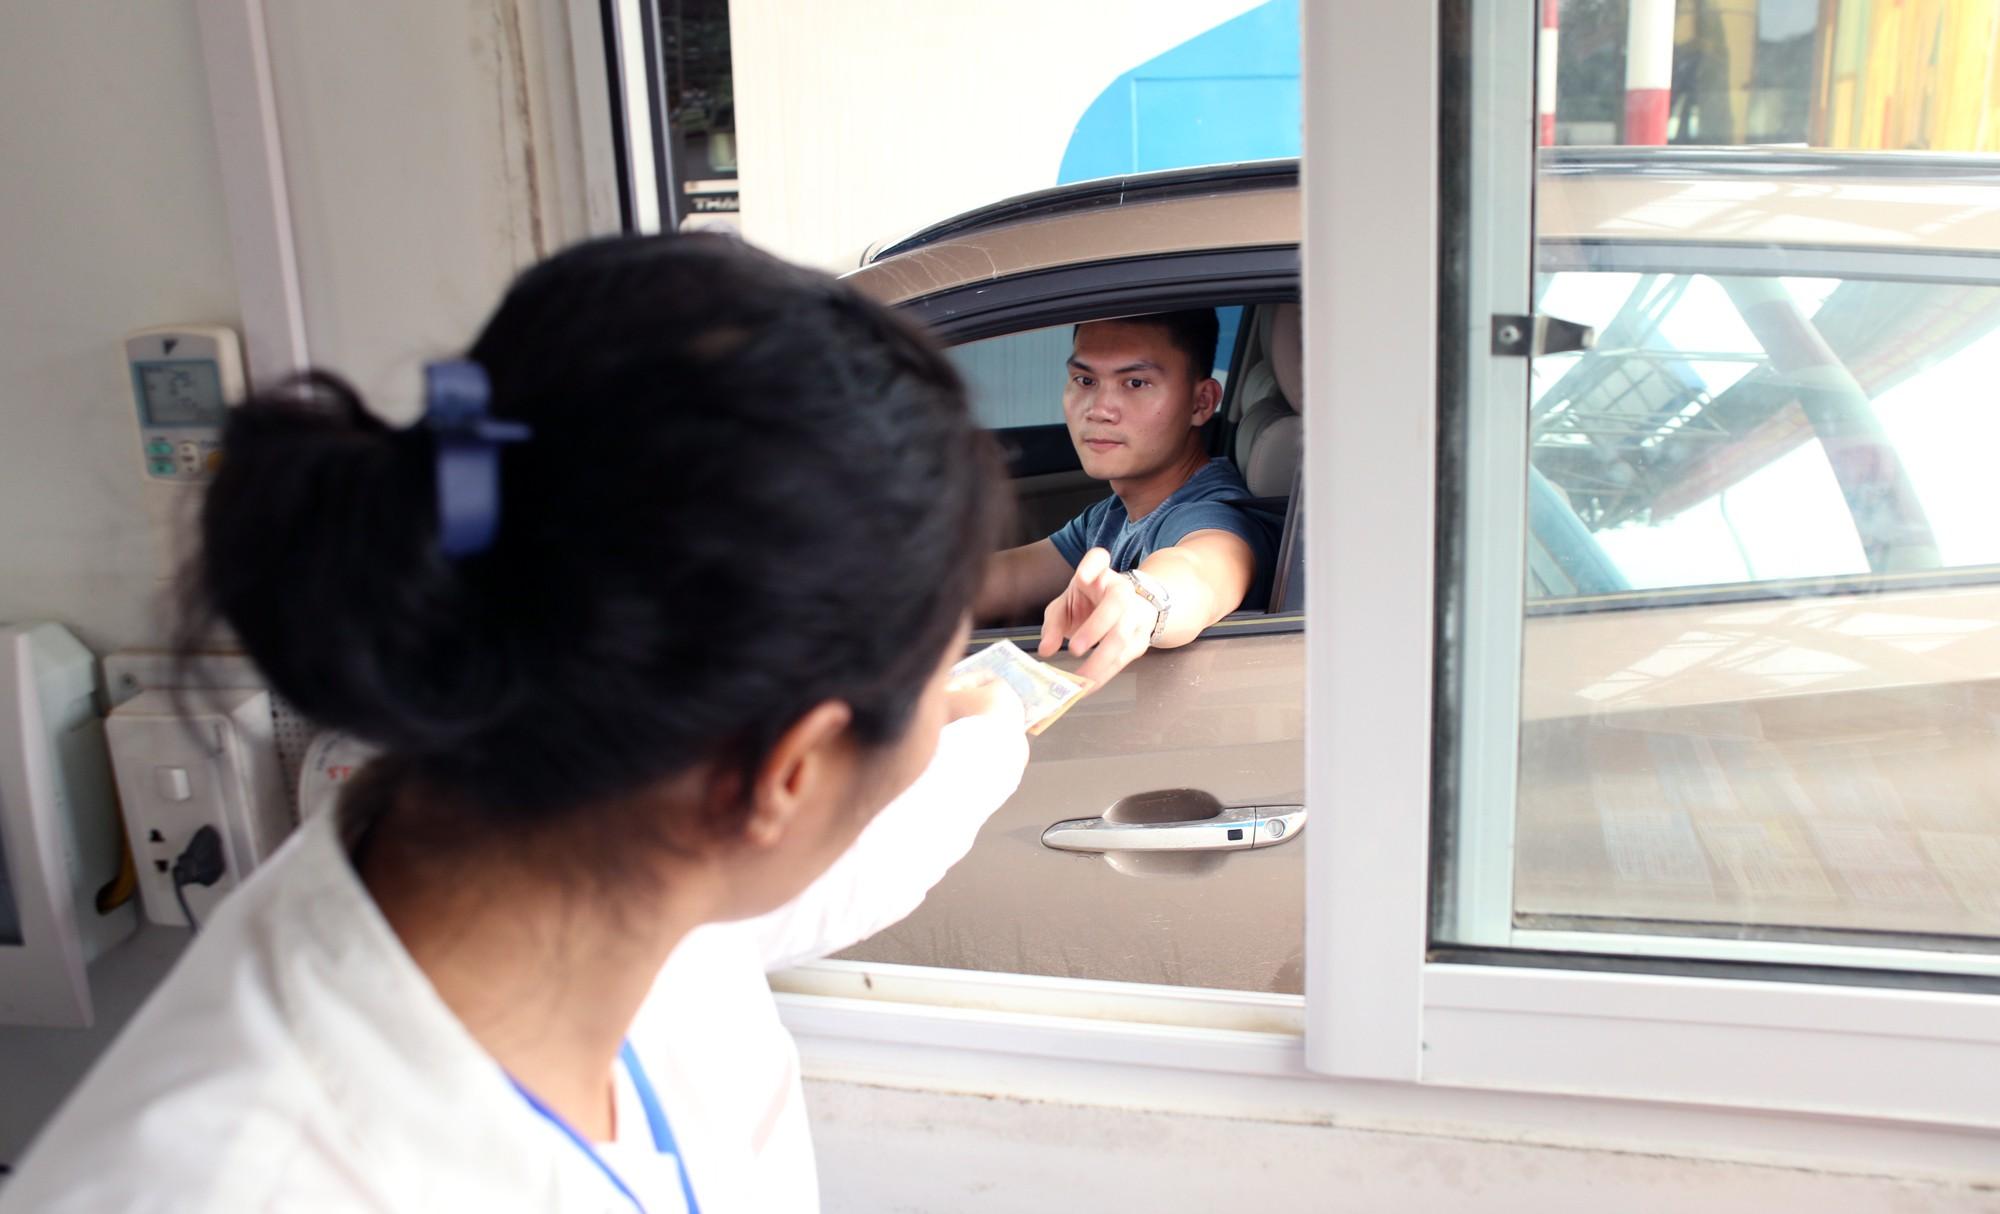 Lãnh đạo trạm BOT Hòa Lạc - Hòa Bình bỏ 17.500 đồng tiền túi mua vé hộ chủ xe con - Ảnh 10.